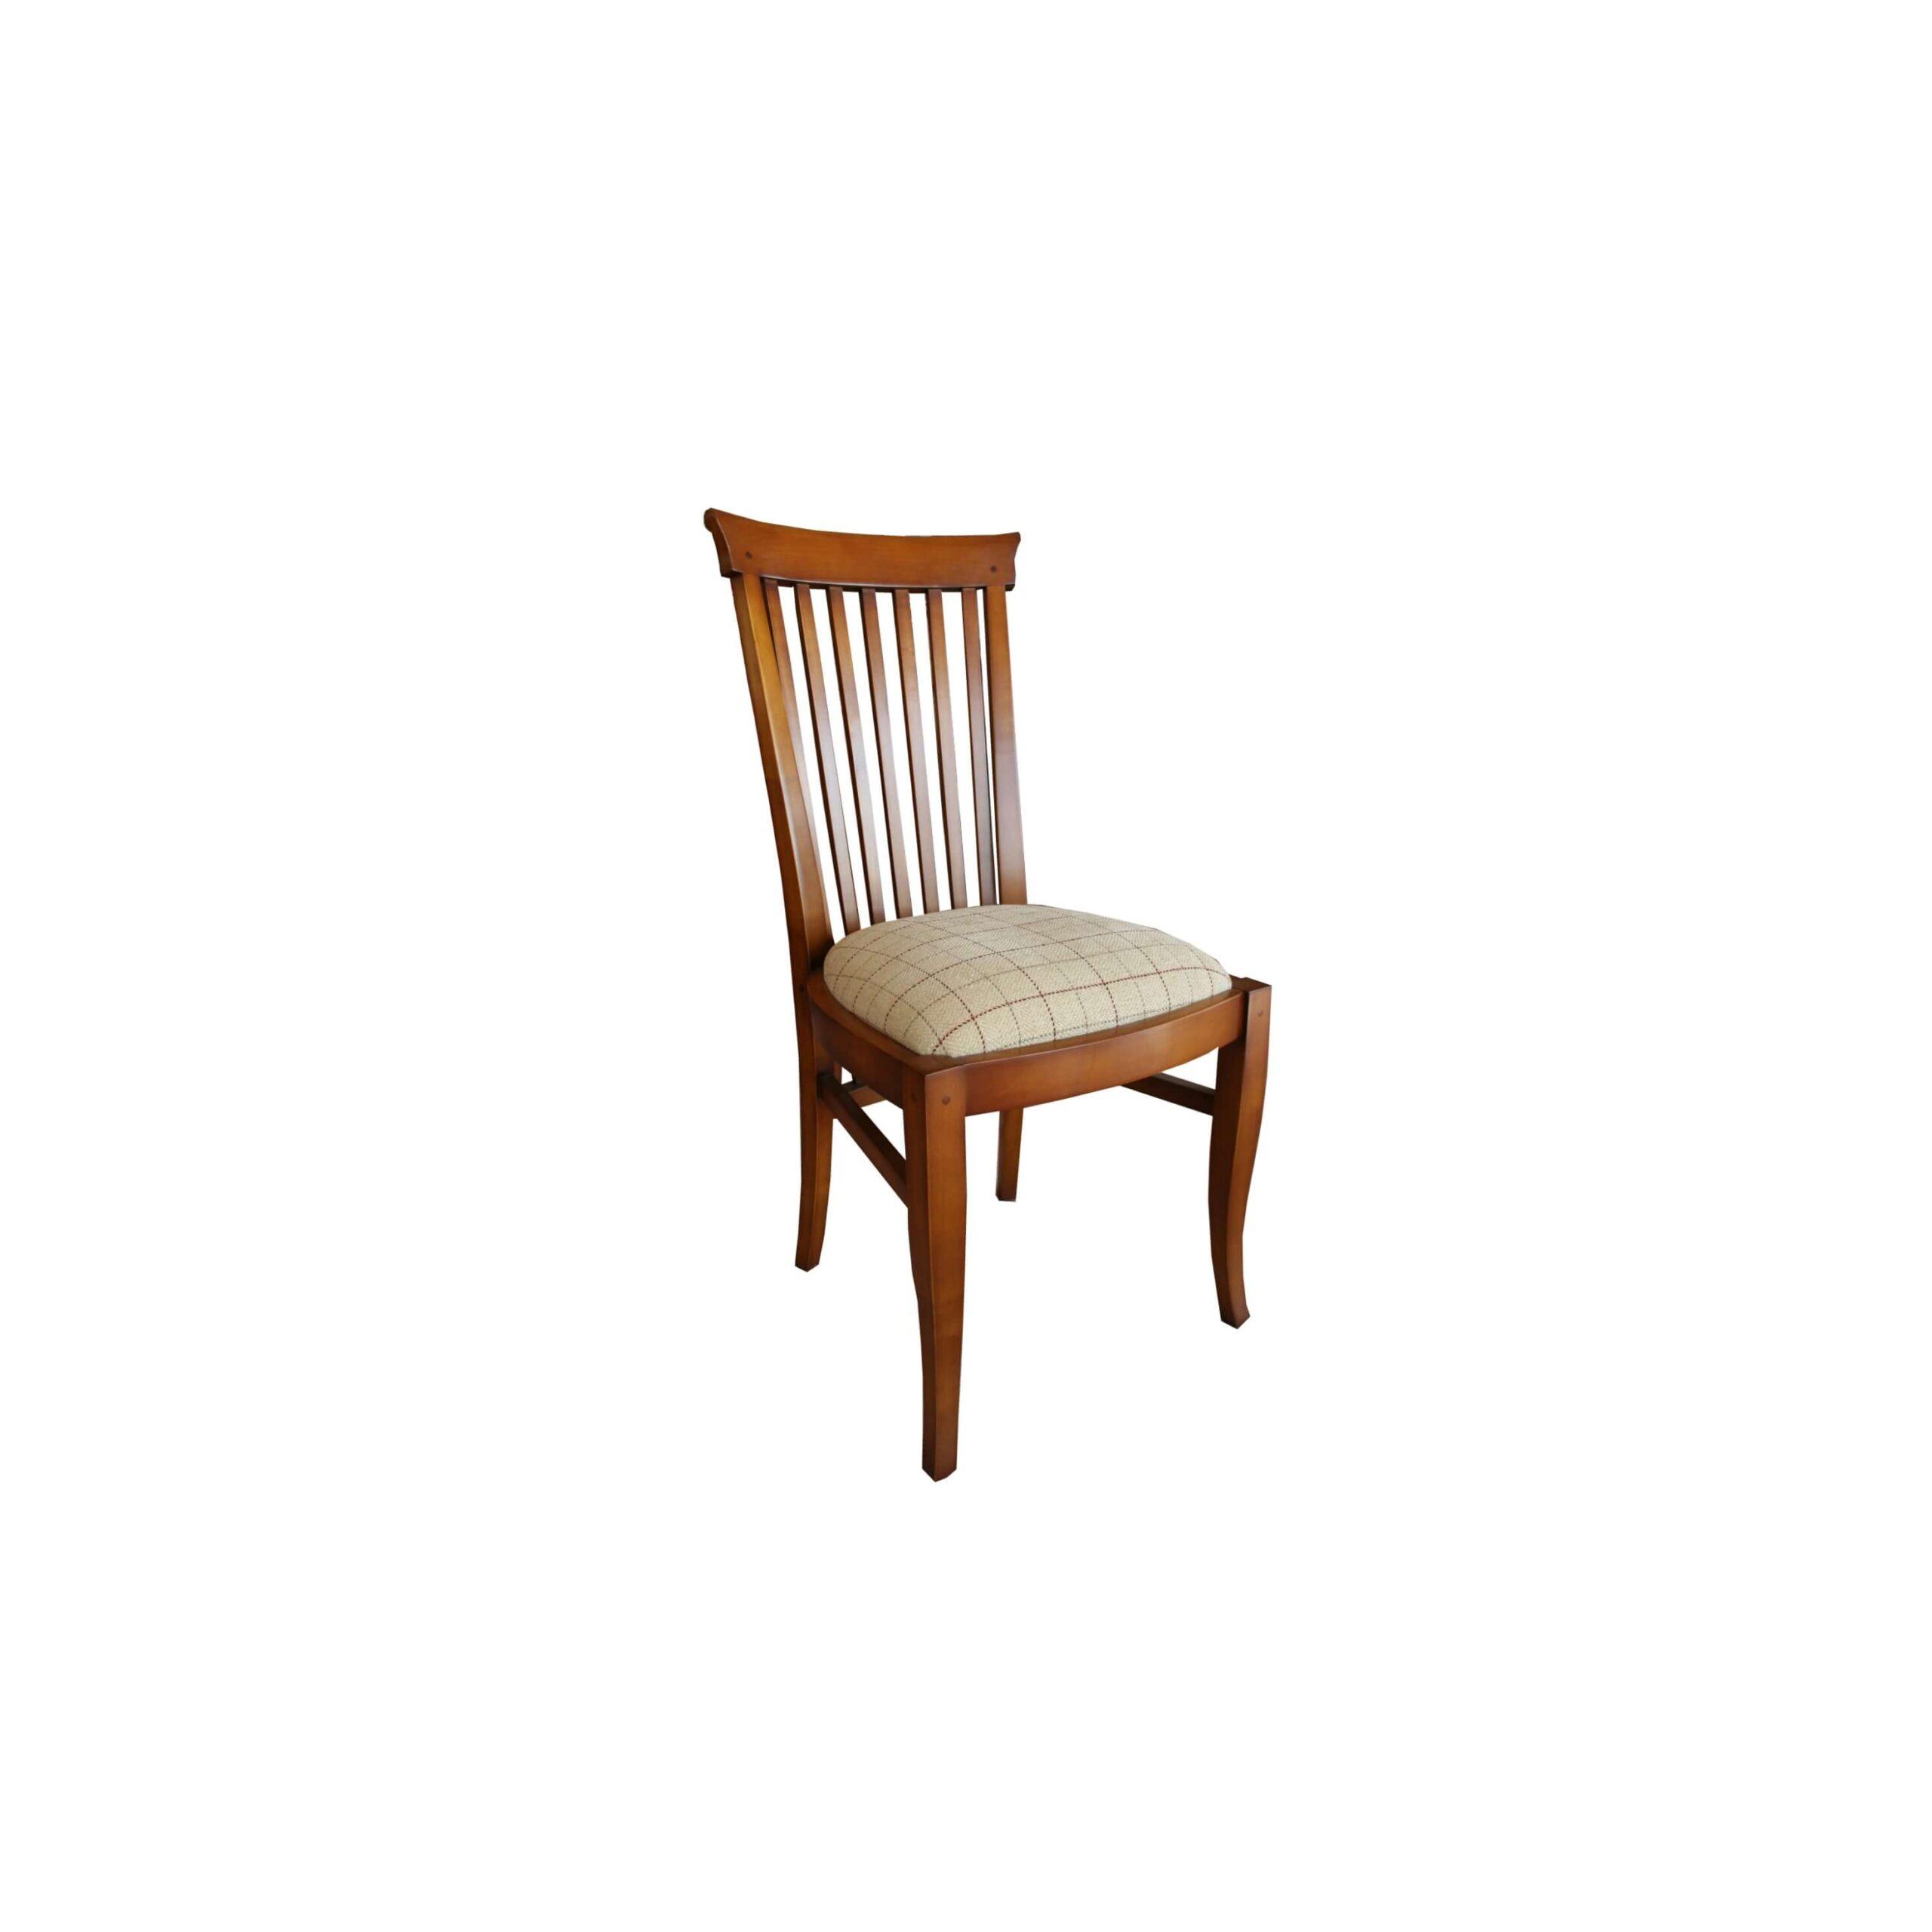 silla piola en fondo blanco